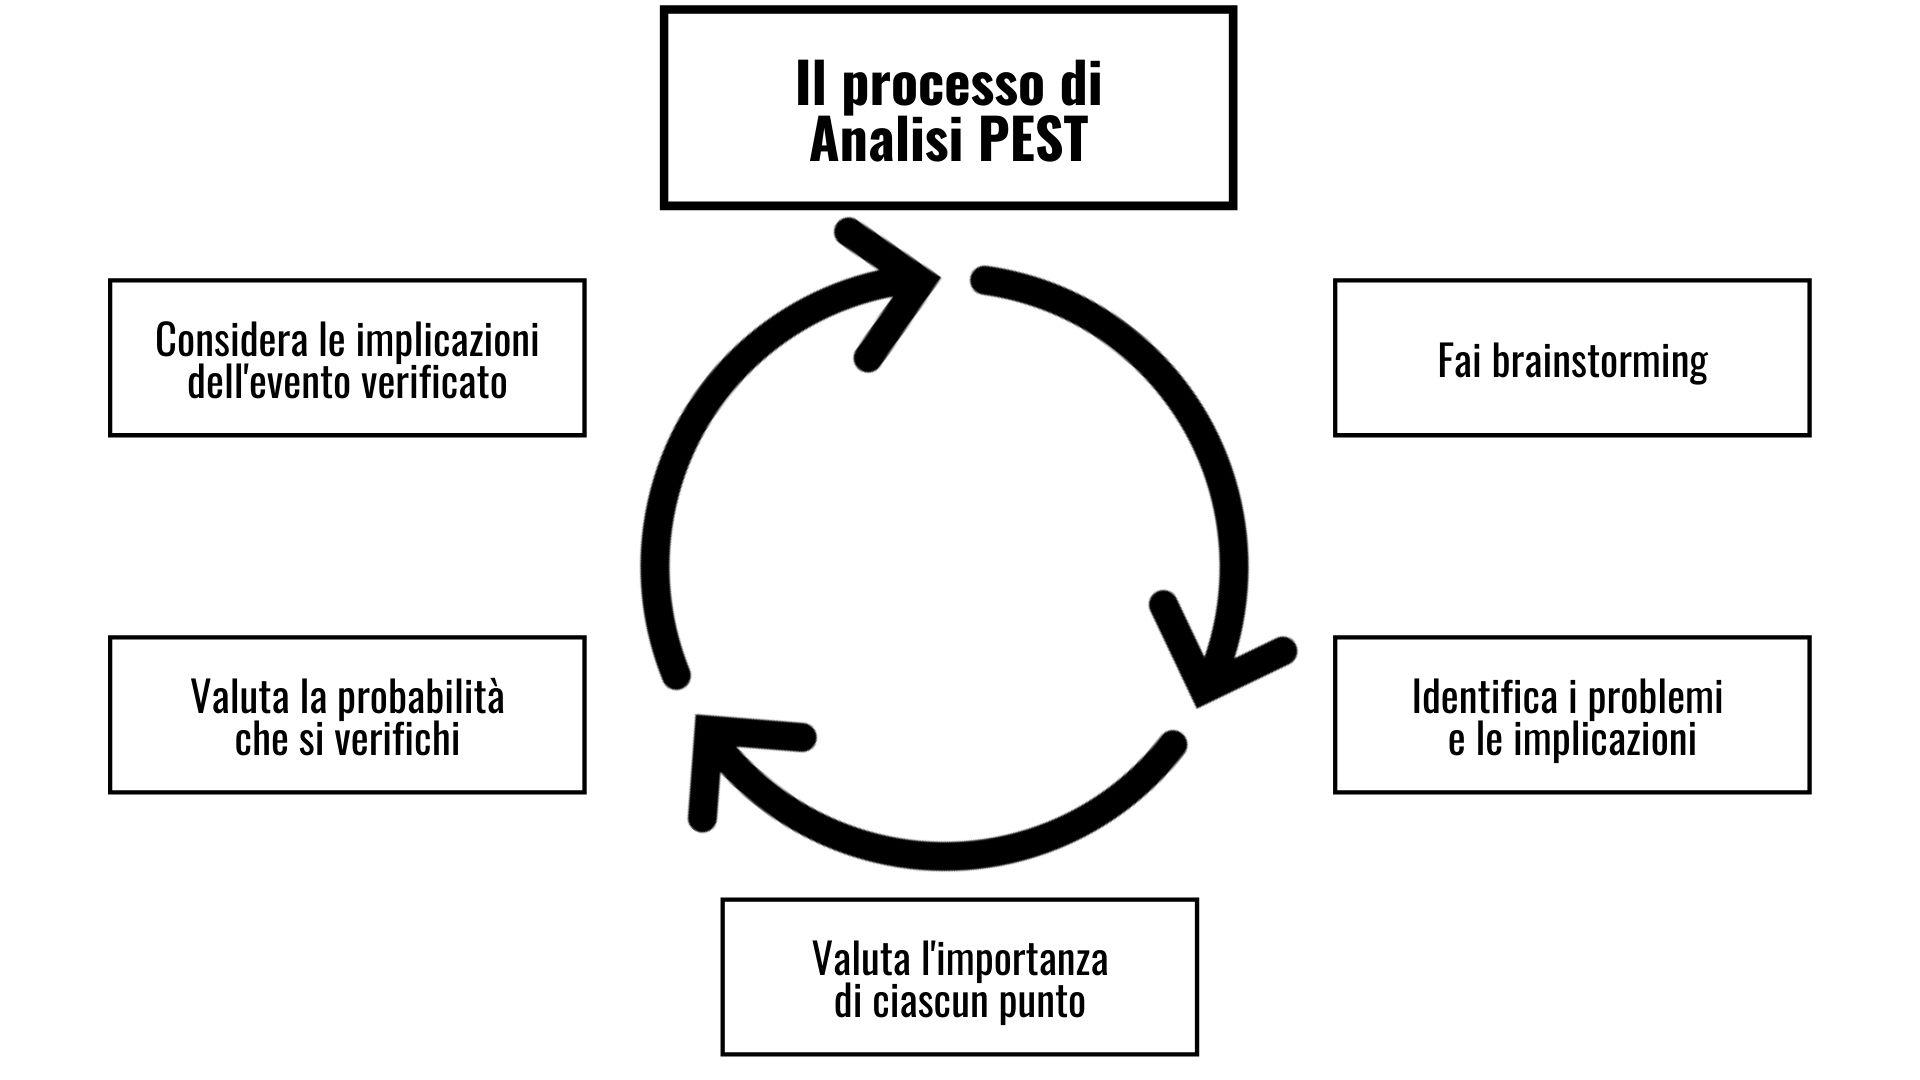 Analisi PEST il processo